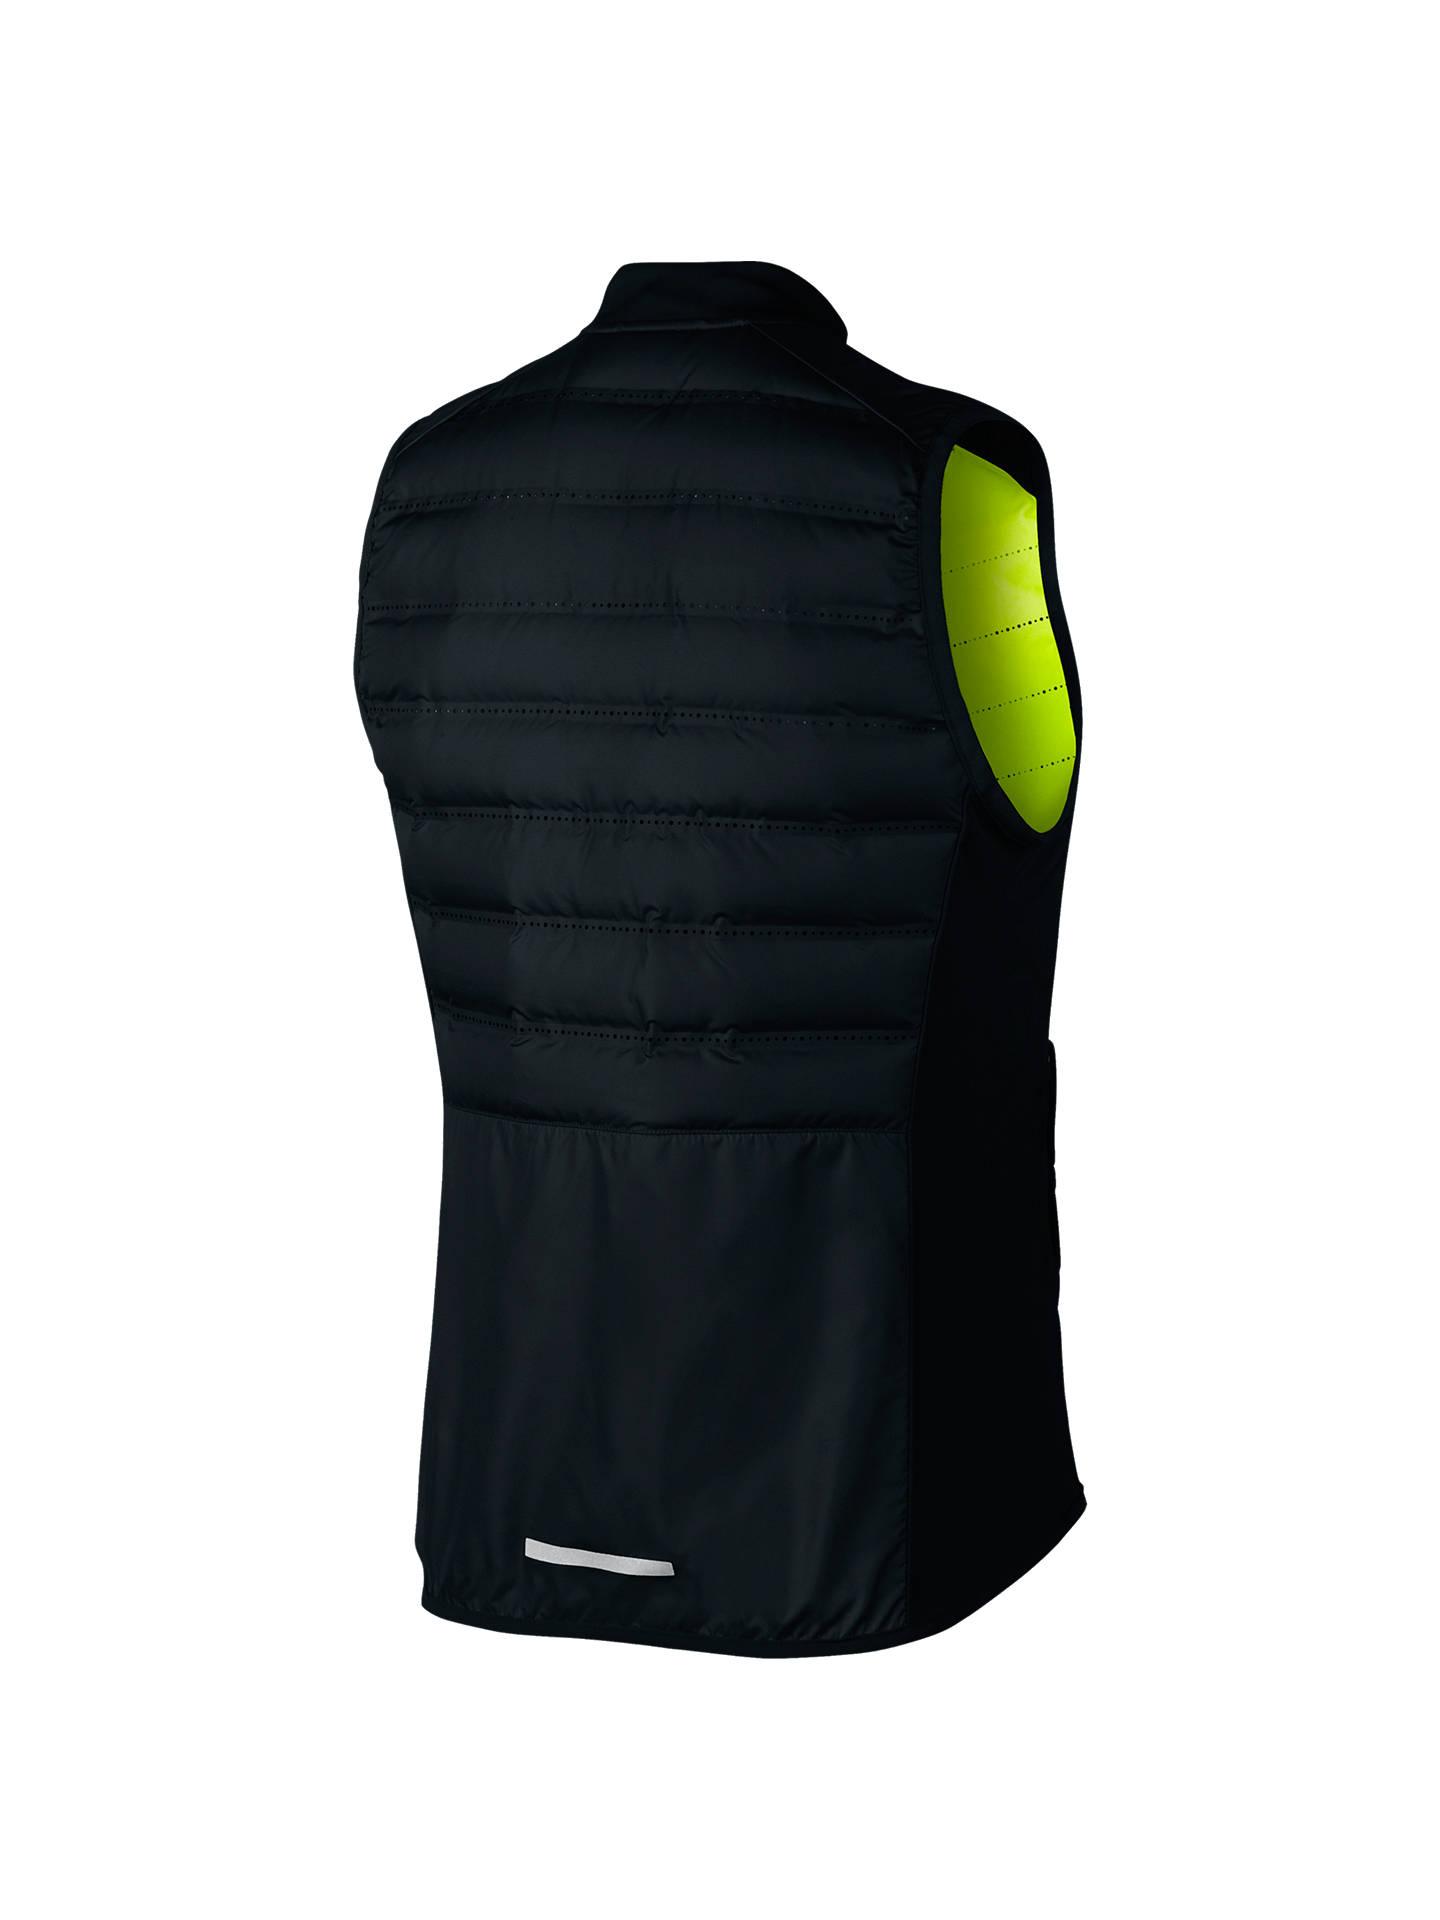 0af514c25e53 Buy Nike Aeroloft Running Vest